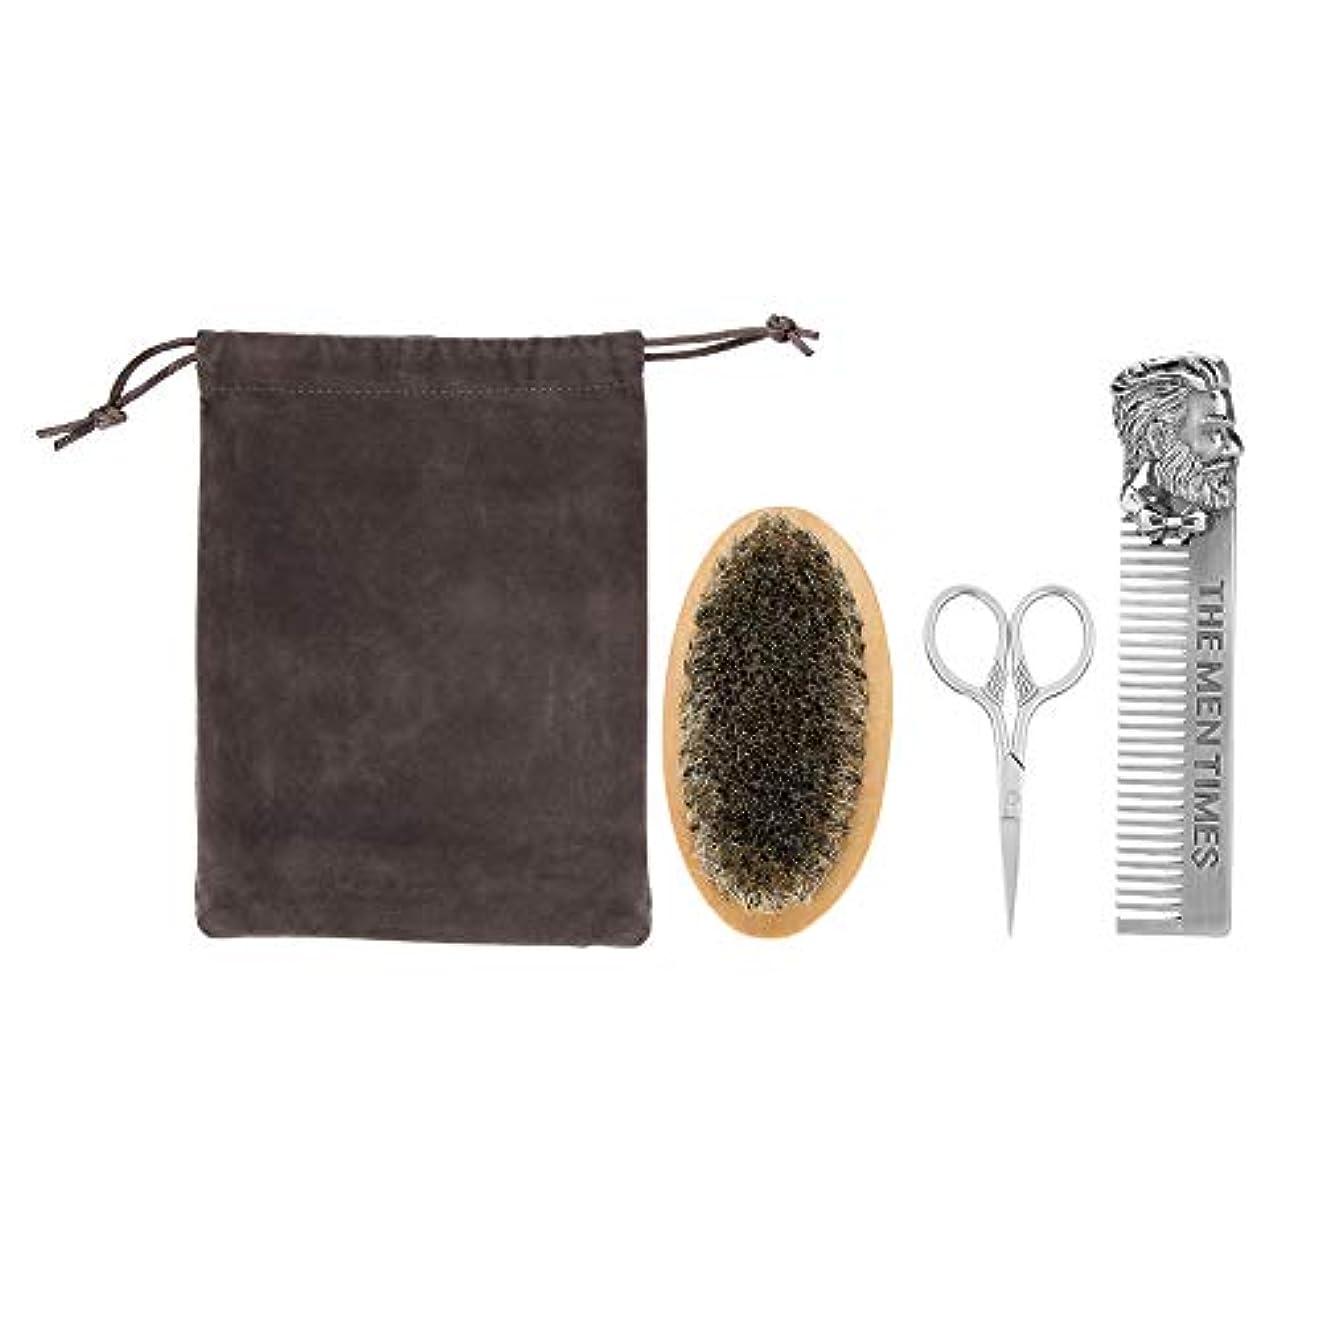 鹿行動夕食を食べるグルーミングスタイリングひげ用のひげクリーニングケアキット